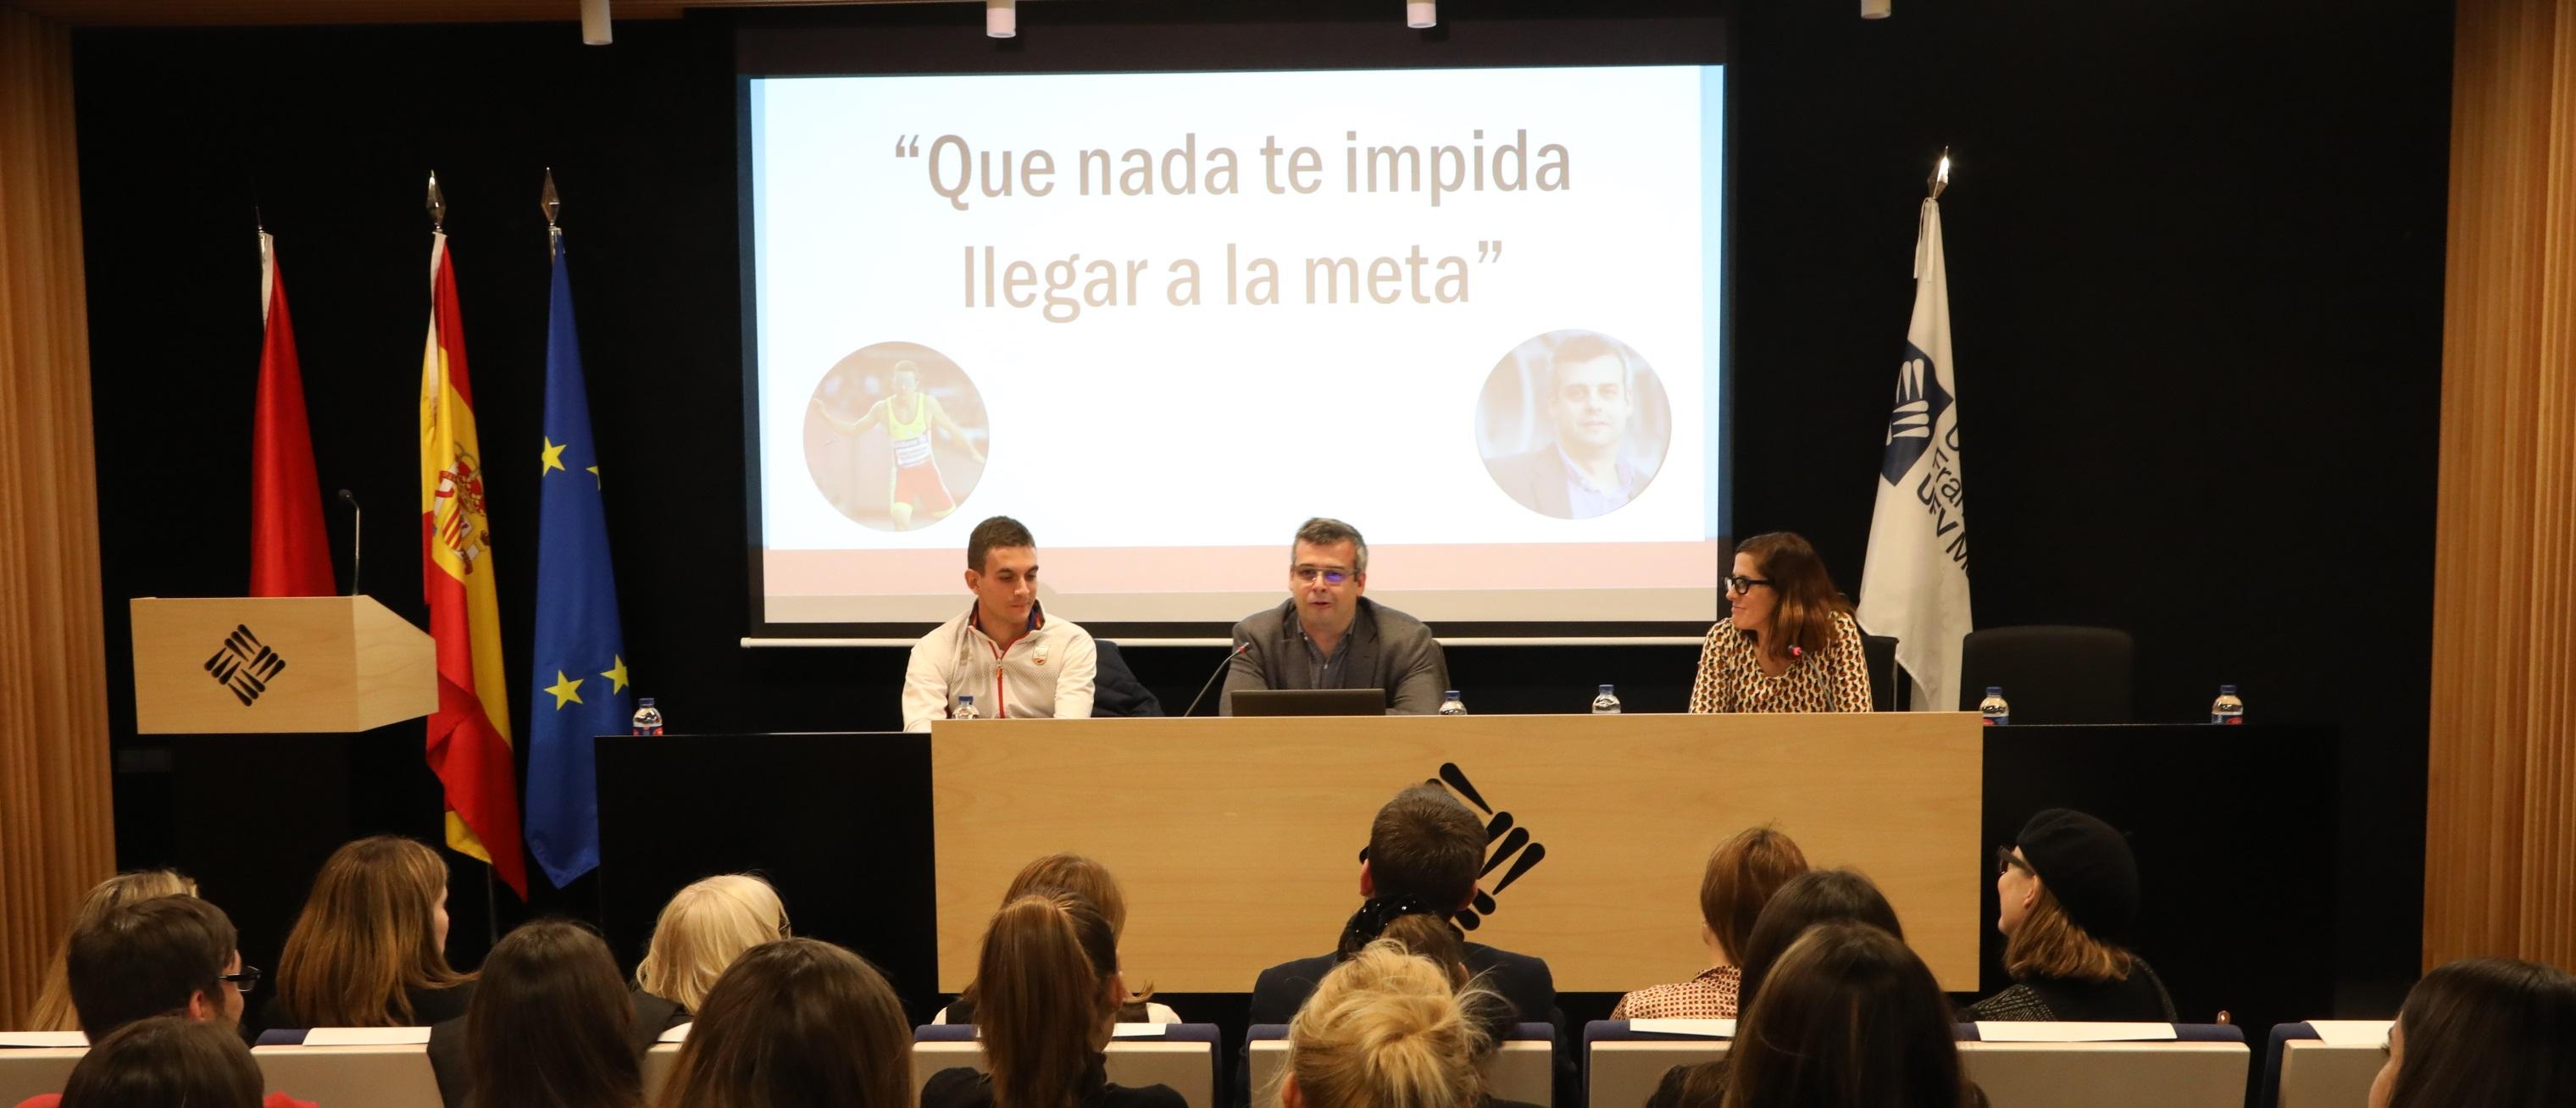 descarrega cetys El atleta invidente Gerard Descarrega visita la Universidad Francisco de Vitoria